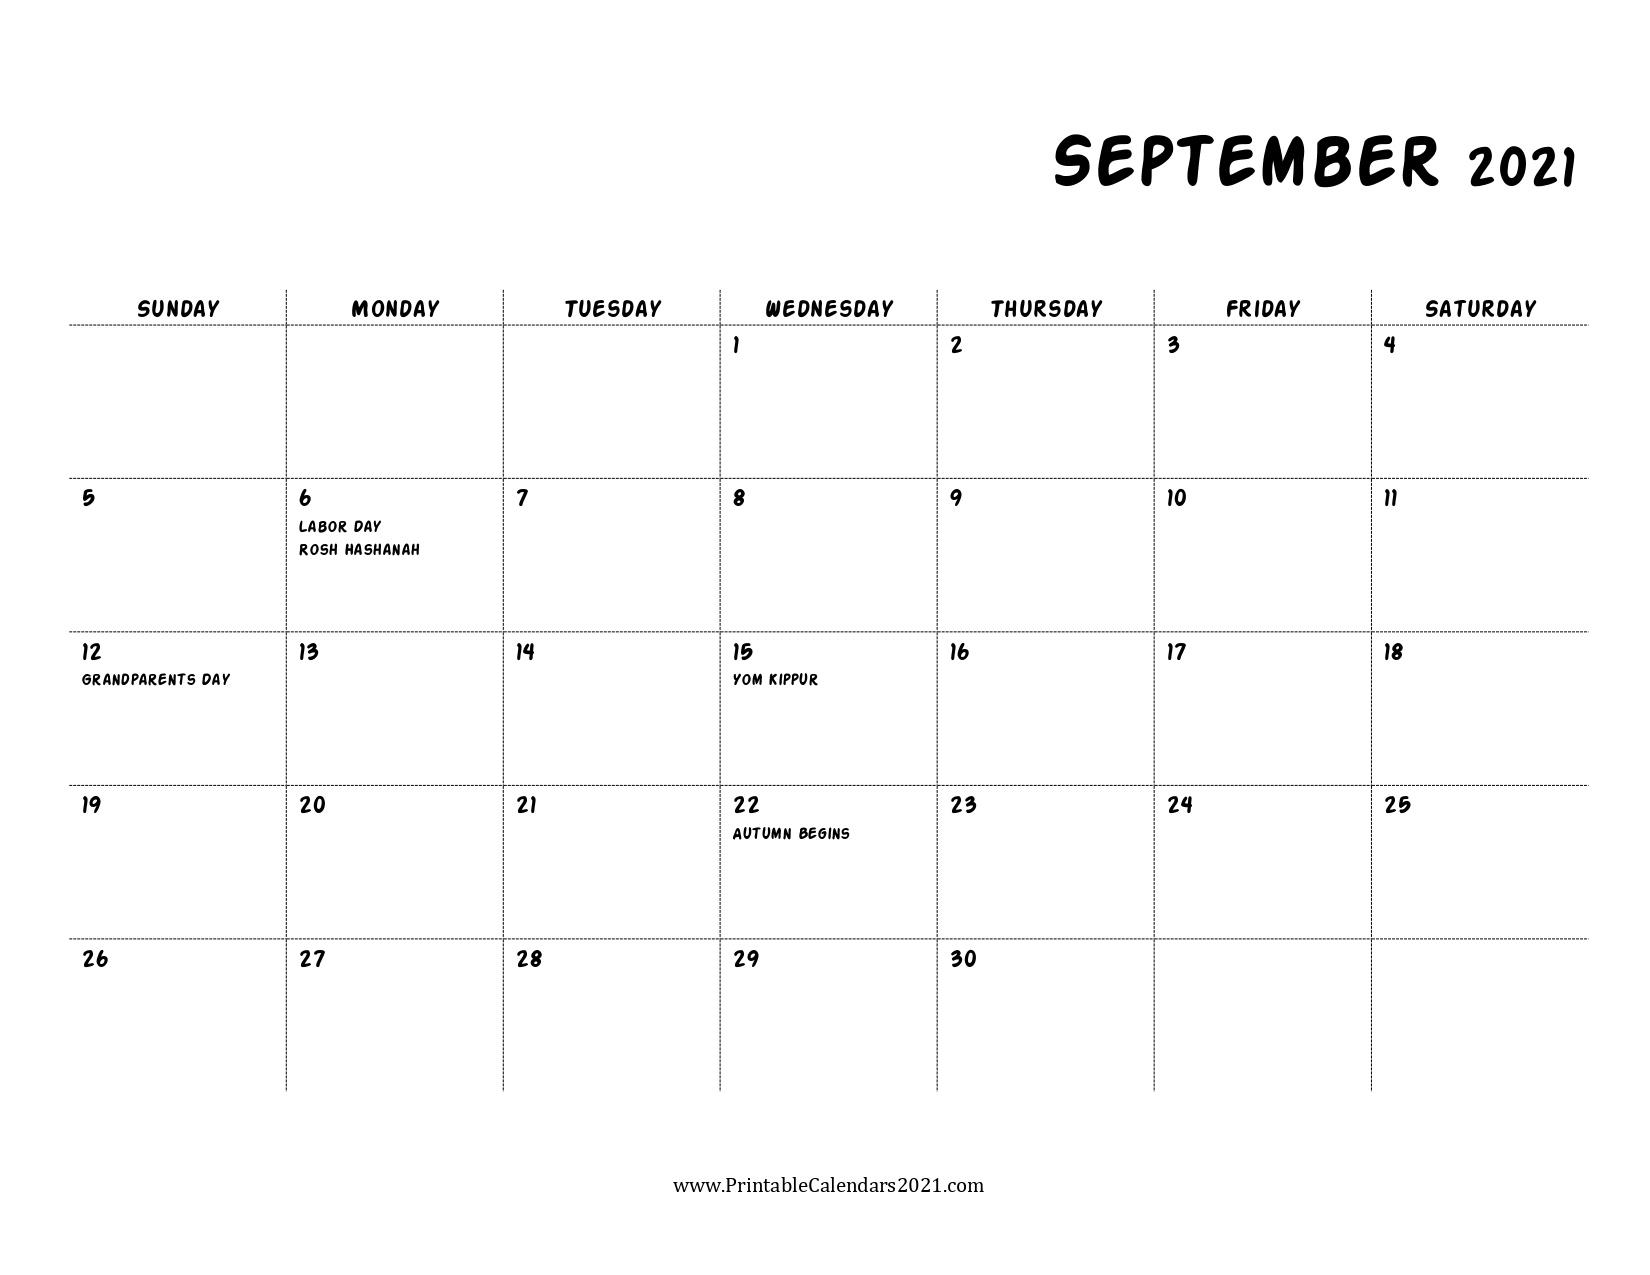 40+ September 2021 Calendar Printable, September 2021 Calendar Pdf September 2021 Calendar Pdf